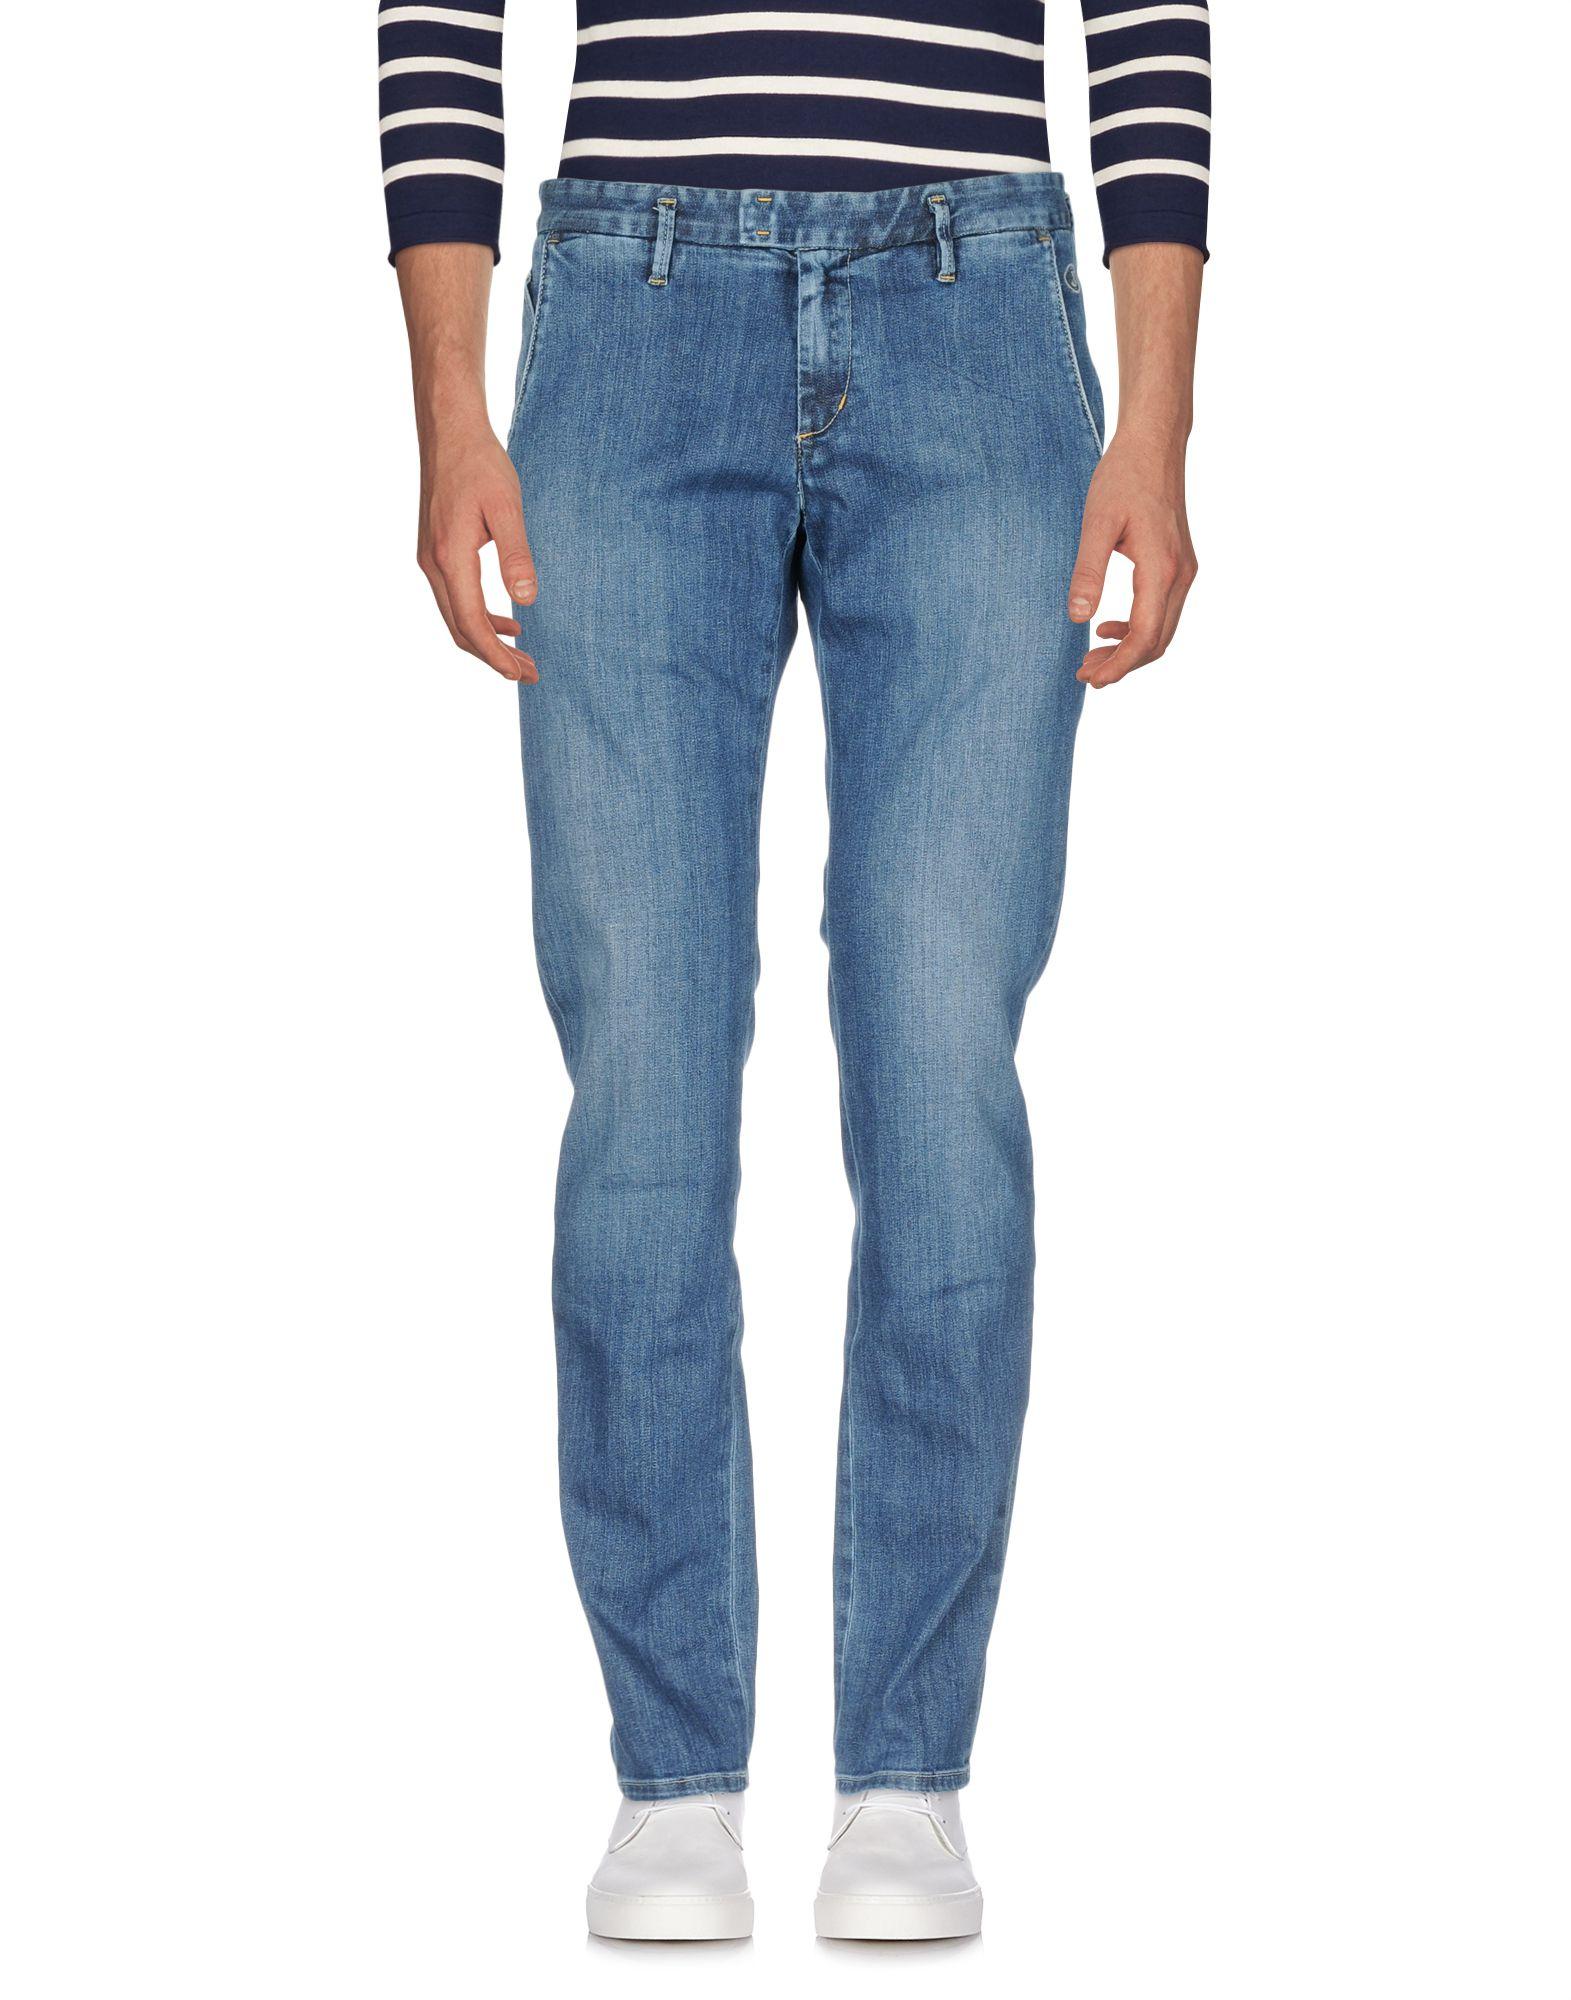 Pantaloni Jeans Jeckerson Uomo - Acquista online su